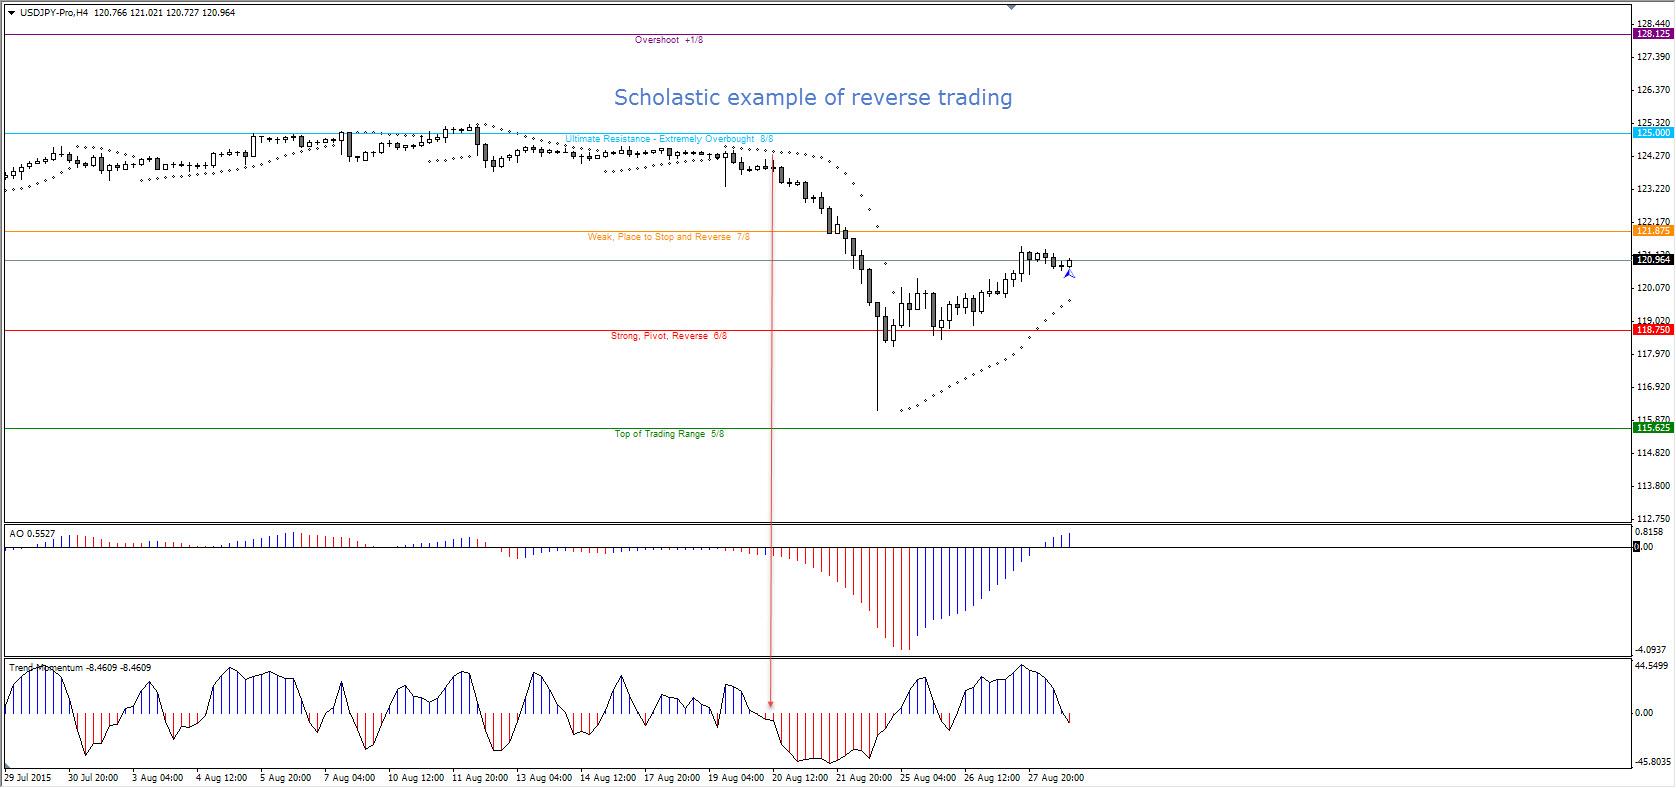 MT4 platforma, USDJPY H4 grafikas, prekybos prieš kryptį pavyzdys